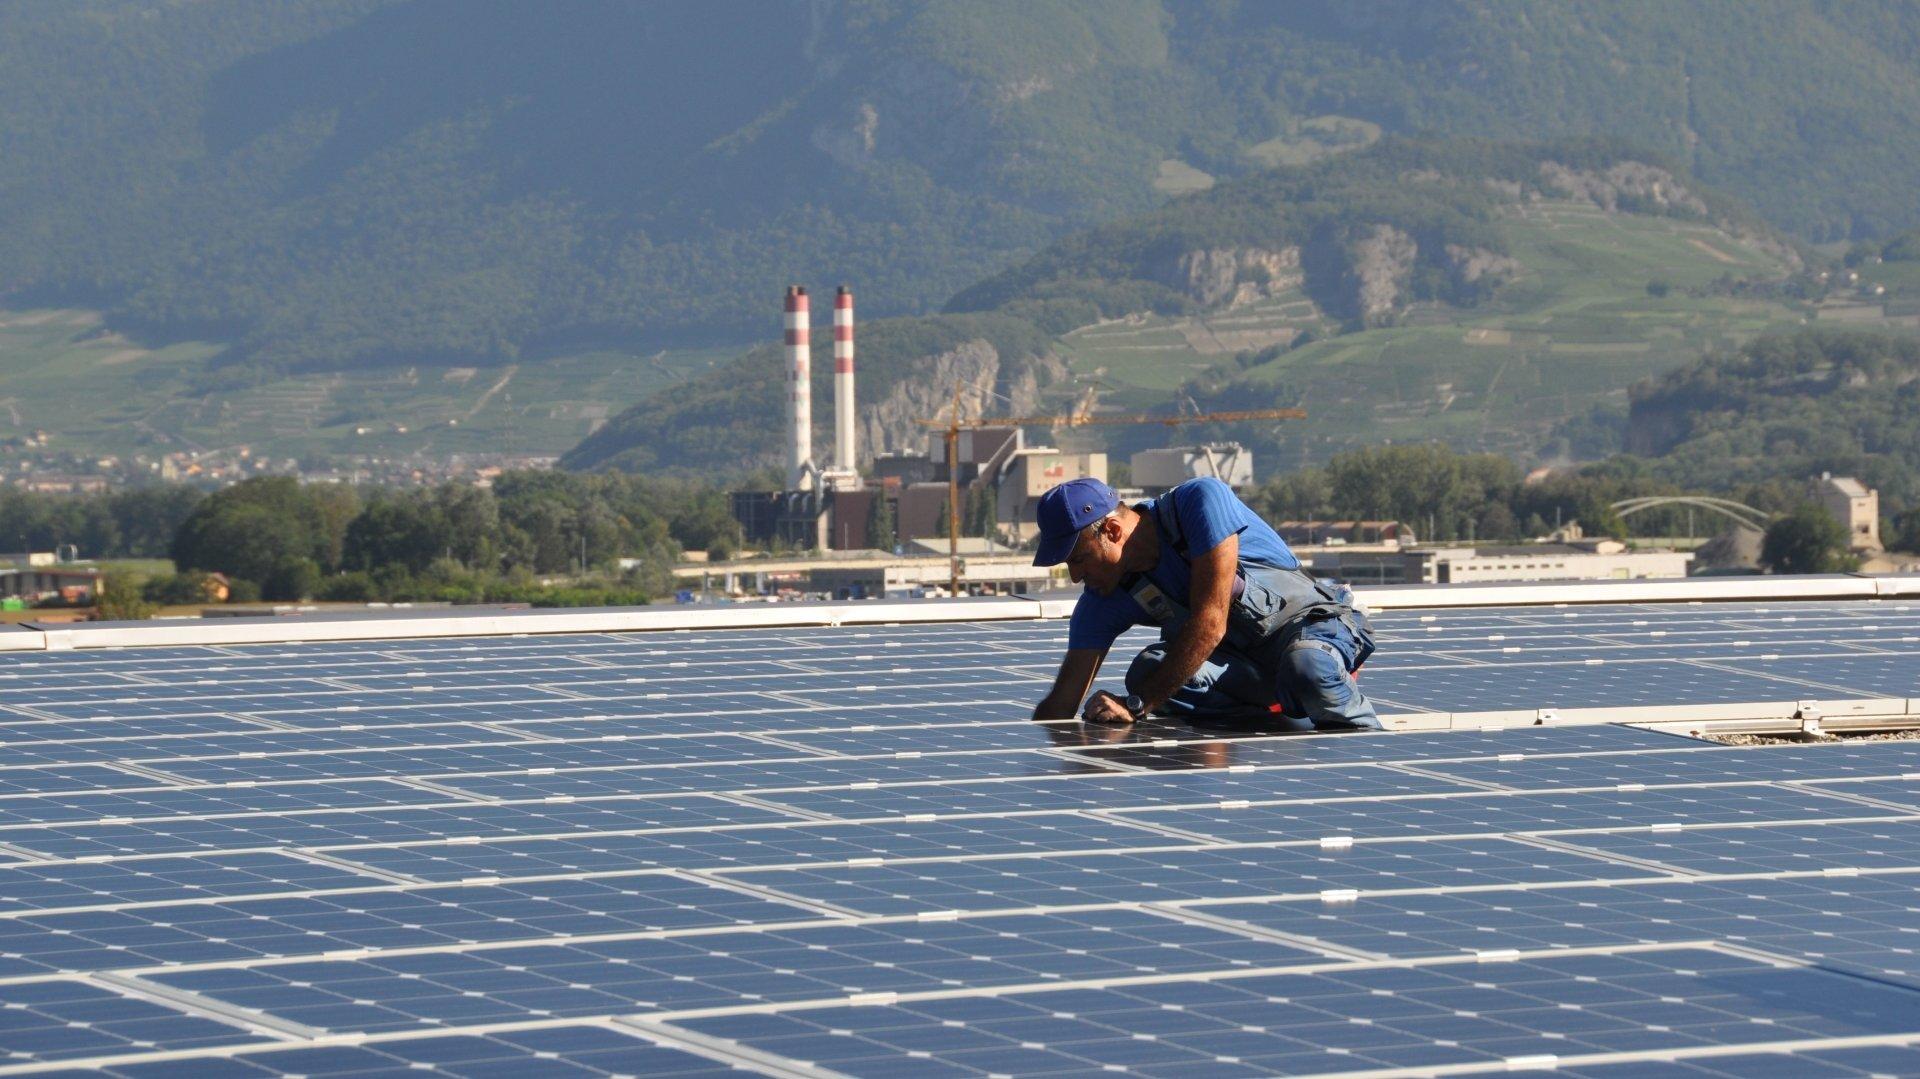 La nouvelle société devrait pouvoir investir dans les énergies renouvelables.